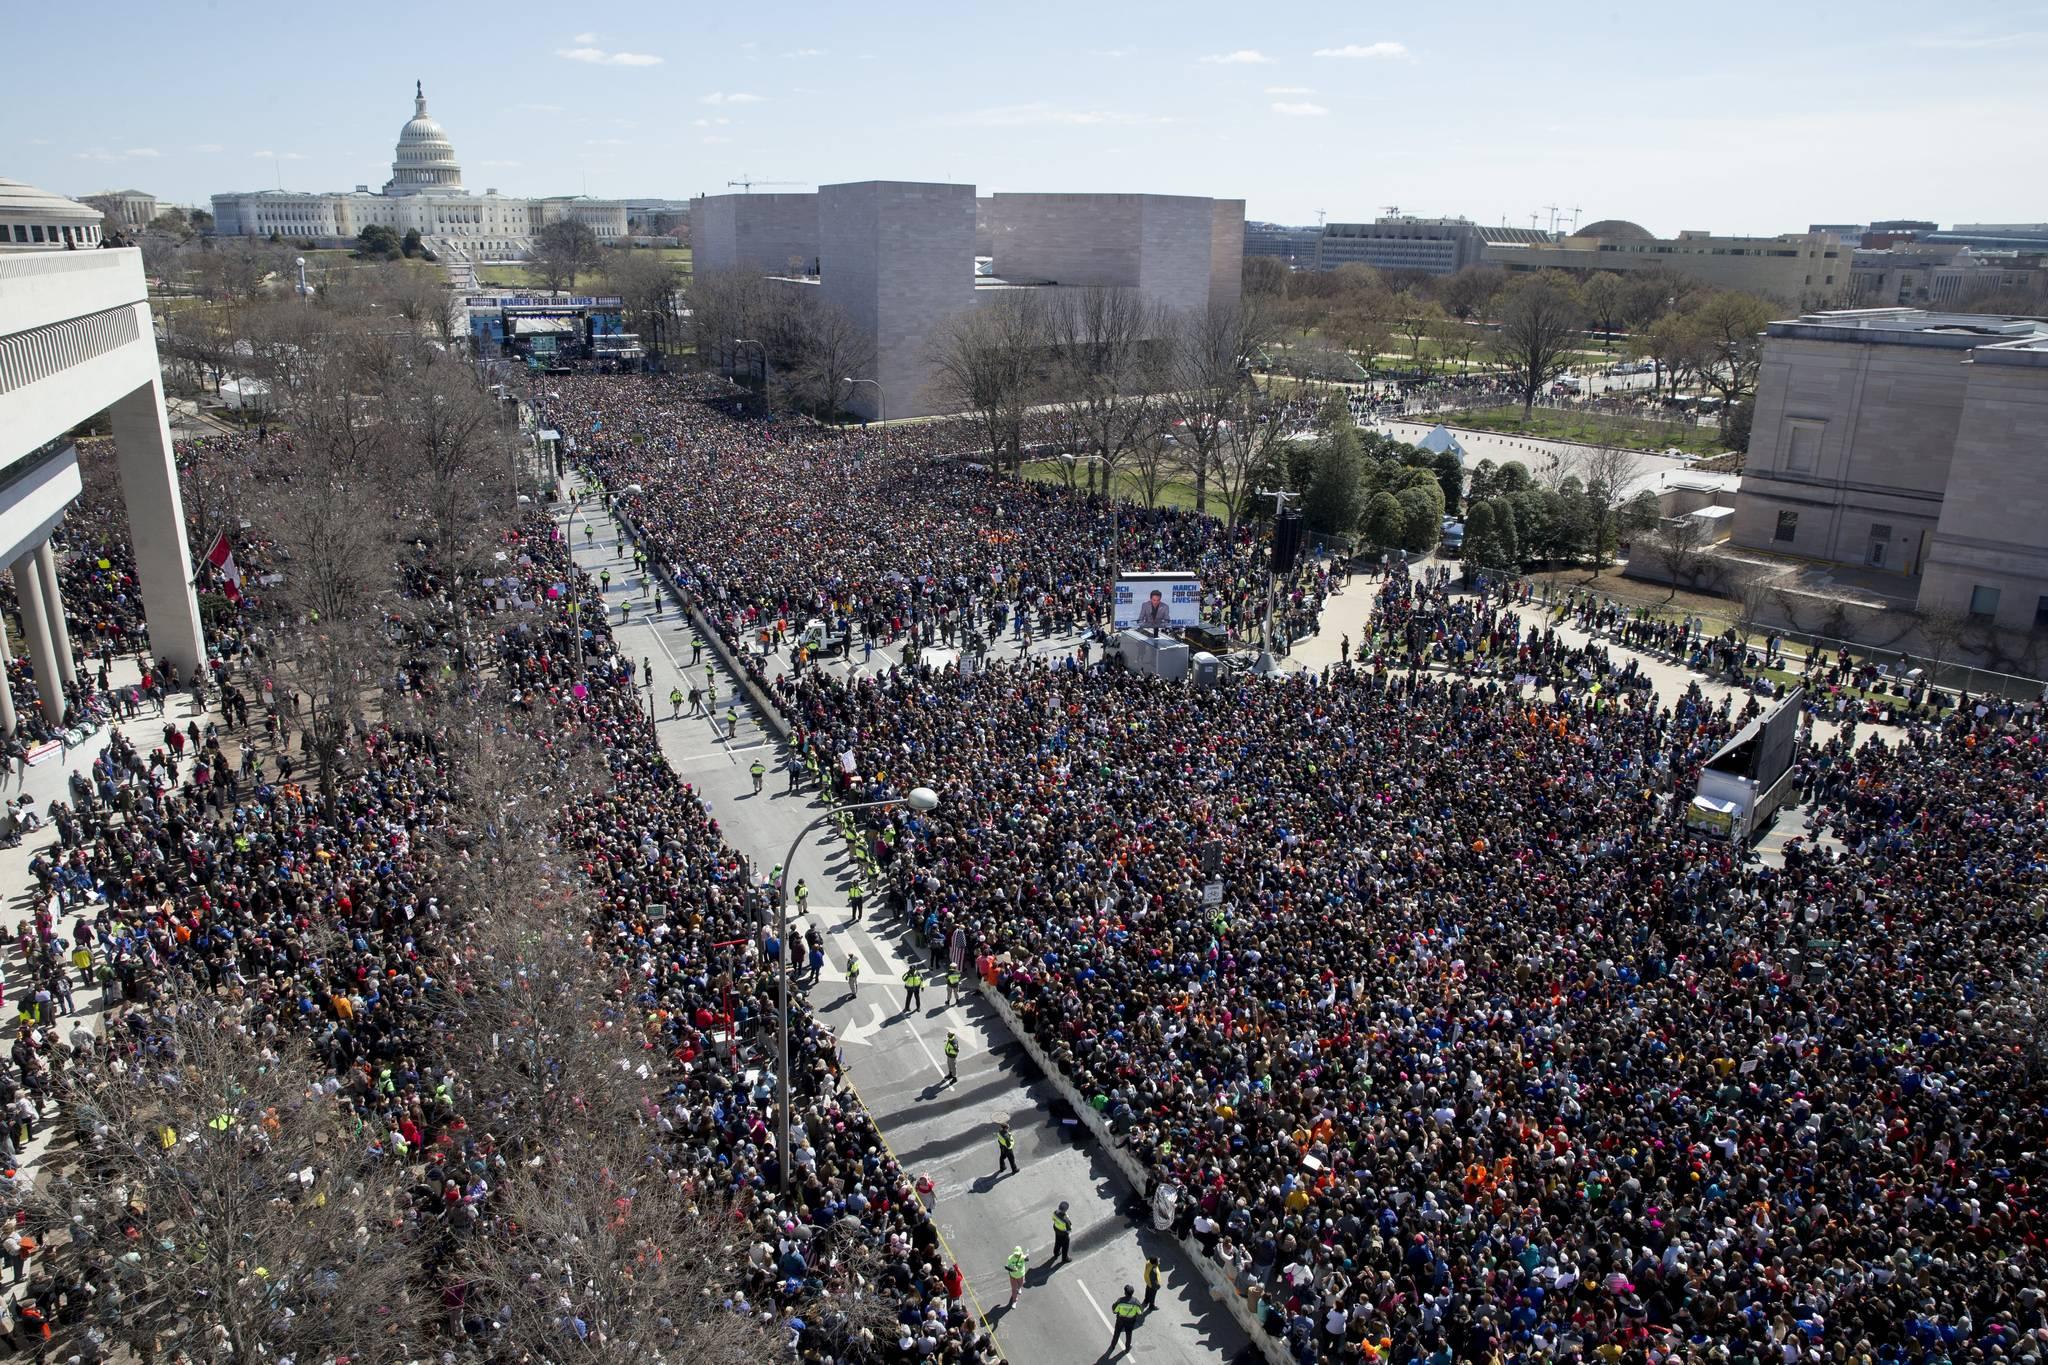 미국 시민들이 지난 3월 24일(현지시간) 워싱턴 백악관과 의사당을 잇는 펜실베이니아 애비뉴에서 총기 규제를 요구하며 '우리의 생명을 위한 행진'을 하고 있다. 지난달 17명의 목숨을 앗아간 플로리다주 더글러스 고교 총격사건의 생존 학생들이 주도한 이날 행사에 주최 측 추산 80만명이 참가했다. [ EPA=연합뉴스]